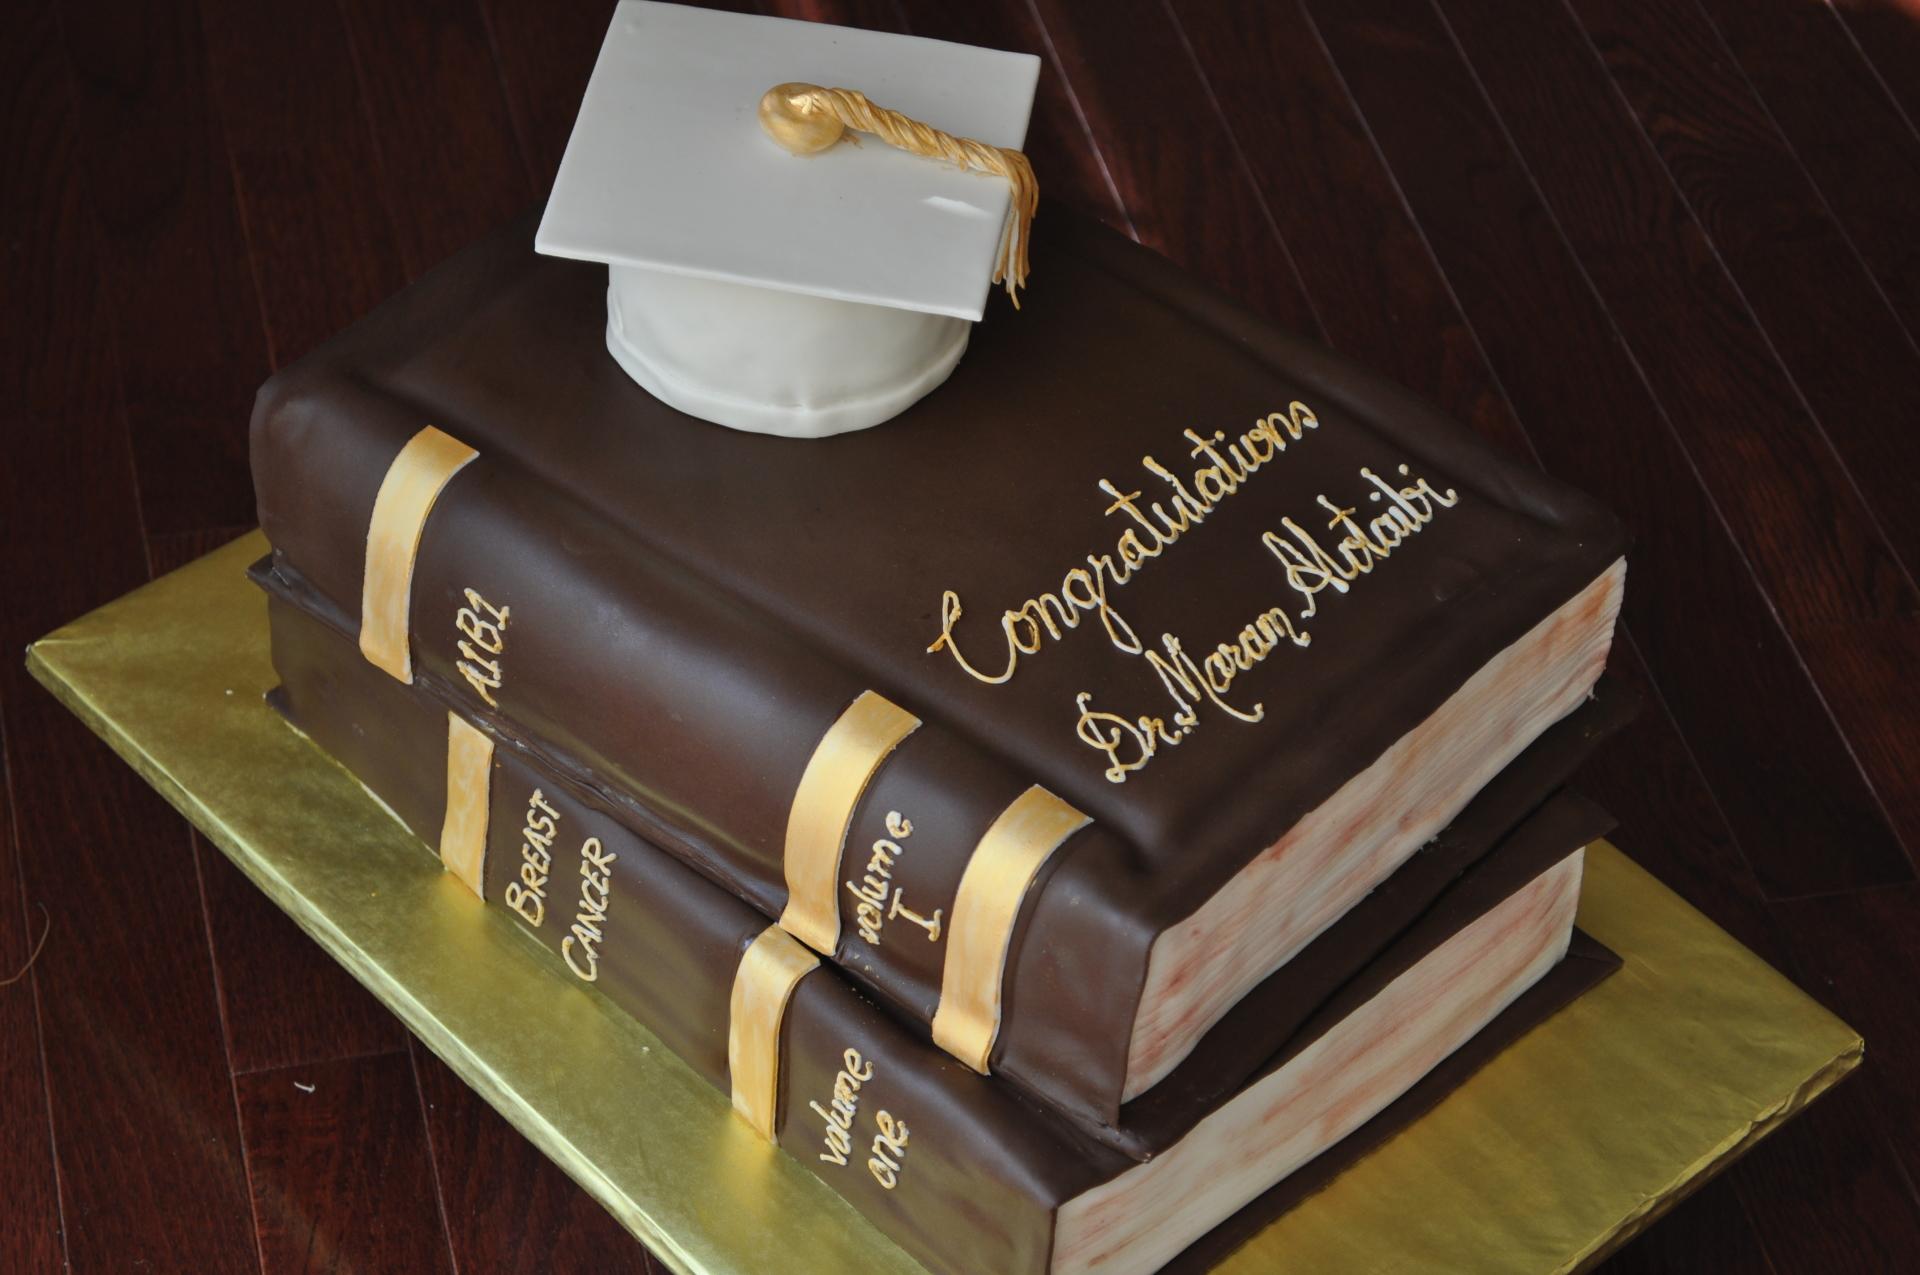 Books graduation cake